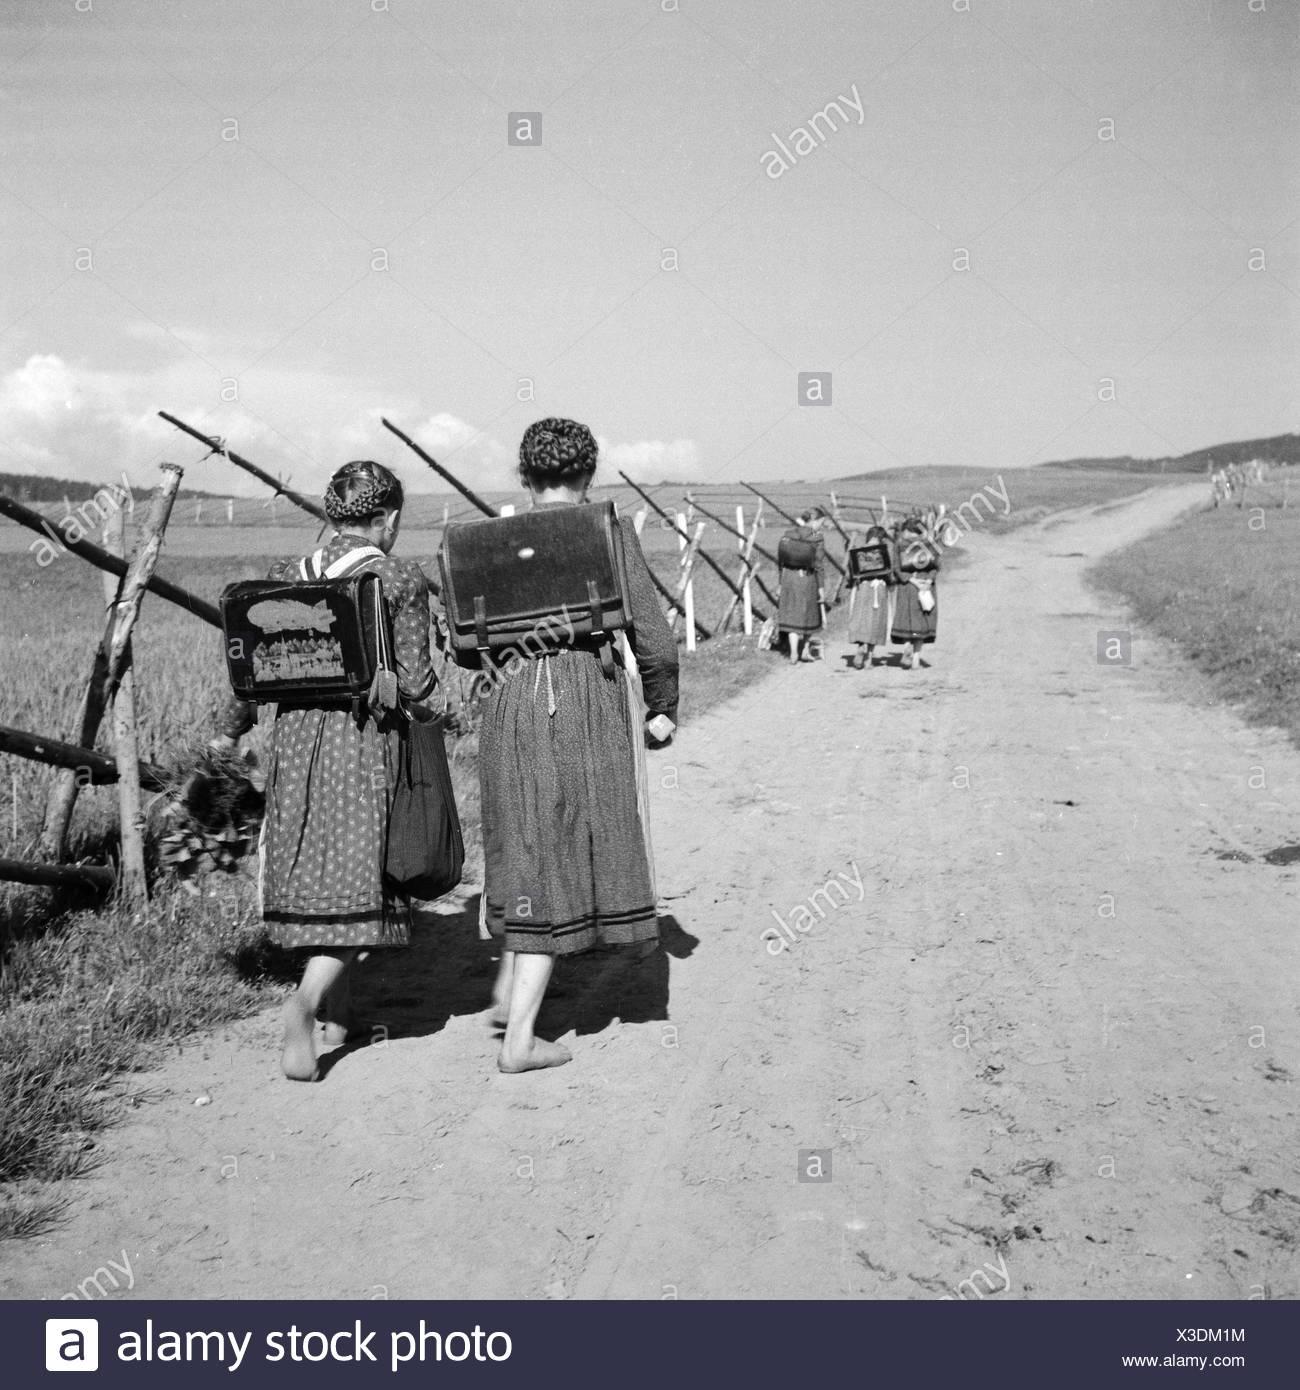 Schulkinder Im Schwarzwald, Deutschland, 1930er Jahre. Schule Kinder im Schwarzwald, Deutschland der 1930er Jahre. Stockbild